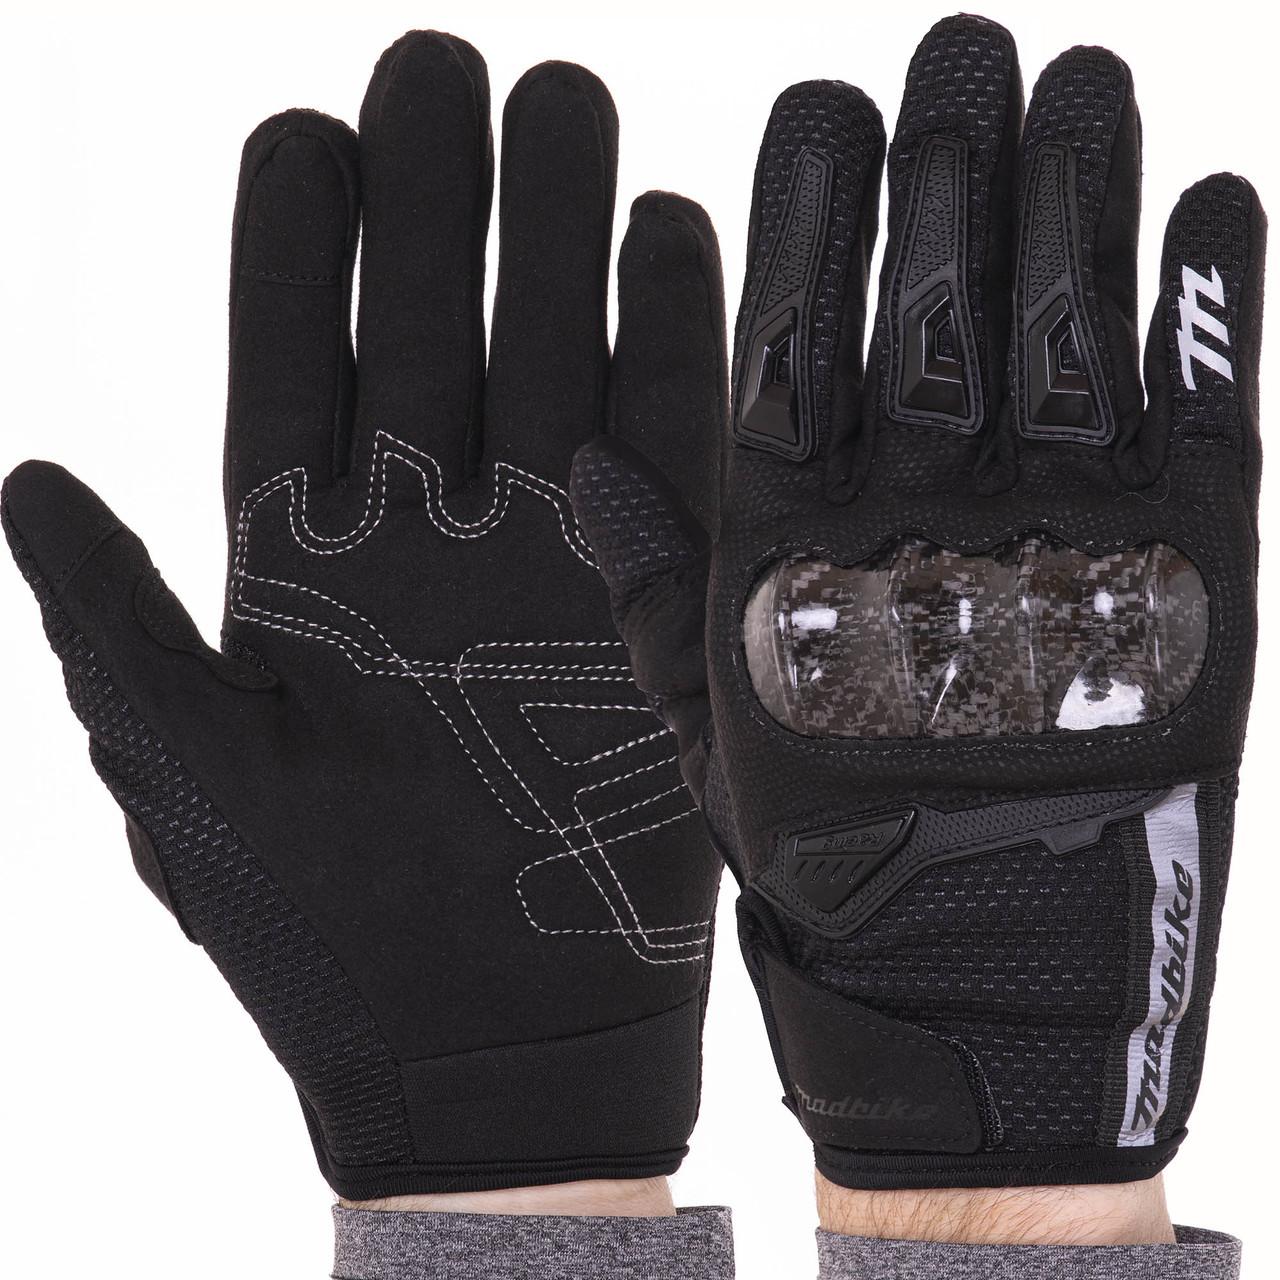 Мотоперчатки мужские женские с защитой взрослые MADBIKE Перчатки для мотоцикла Черный (MAD-66) M